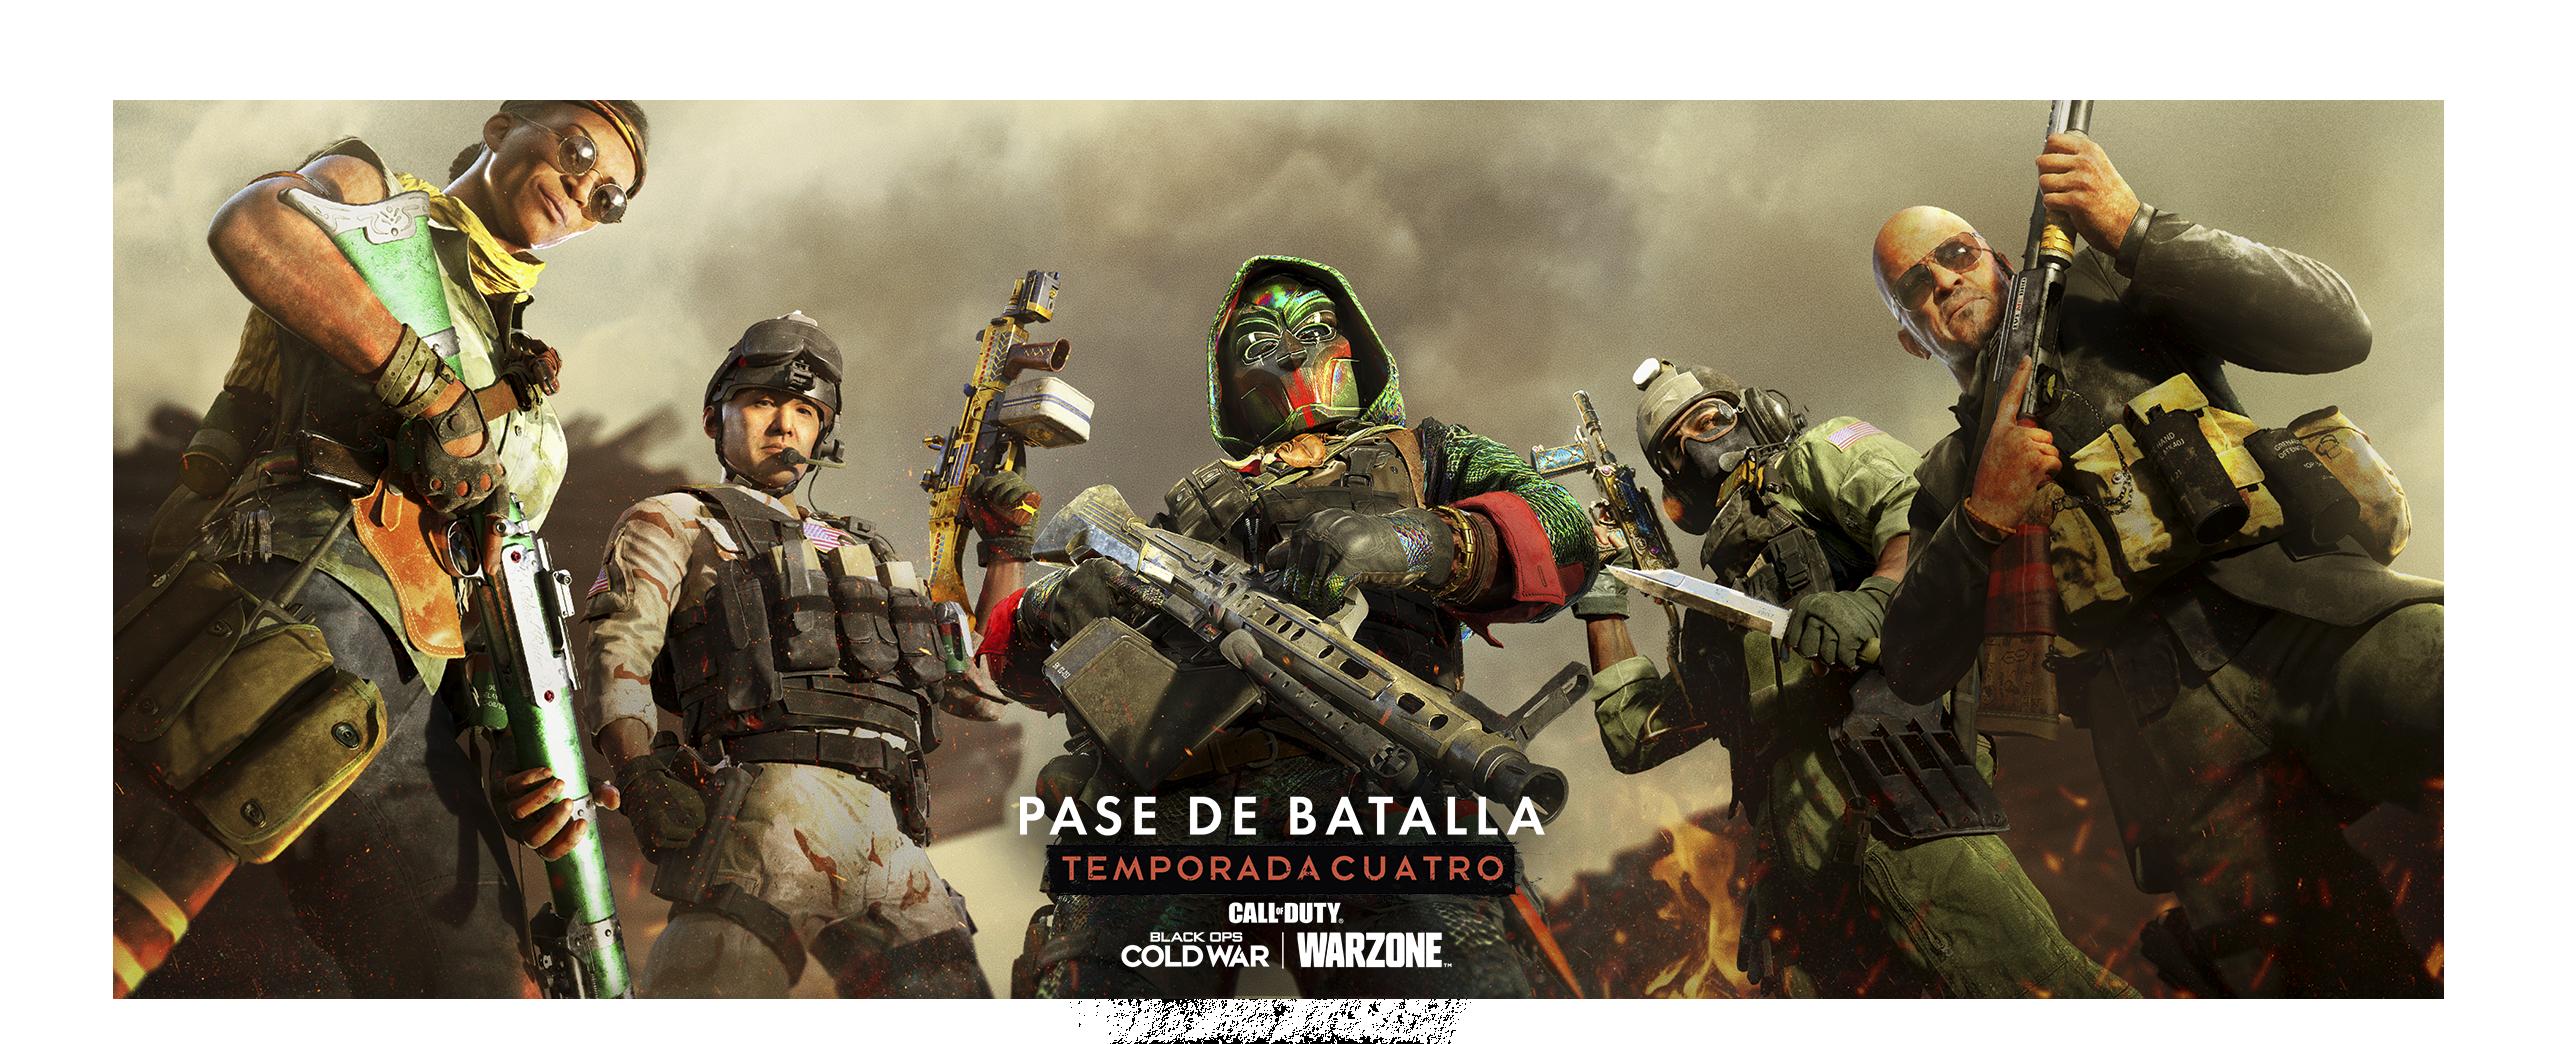 Ilustración del Pase de Batalla de Call of Duty